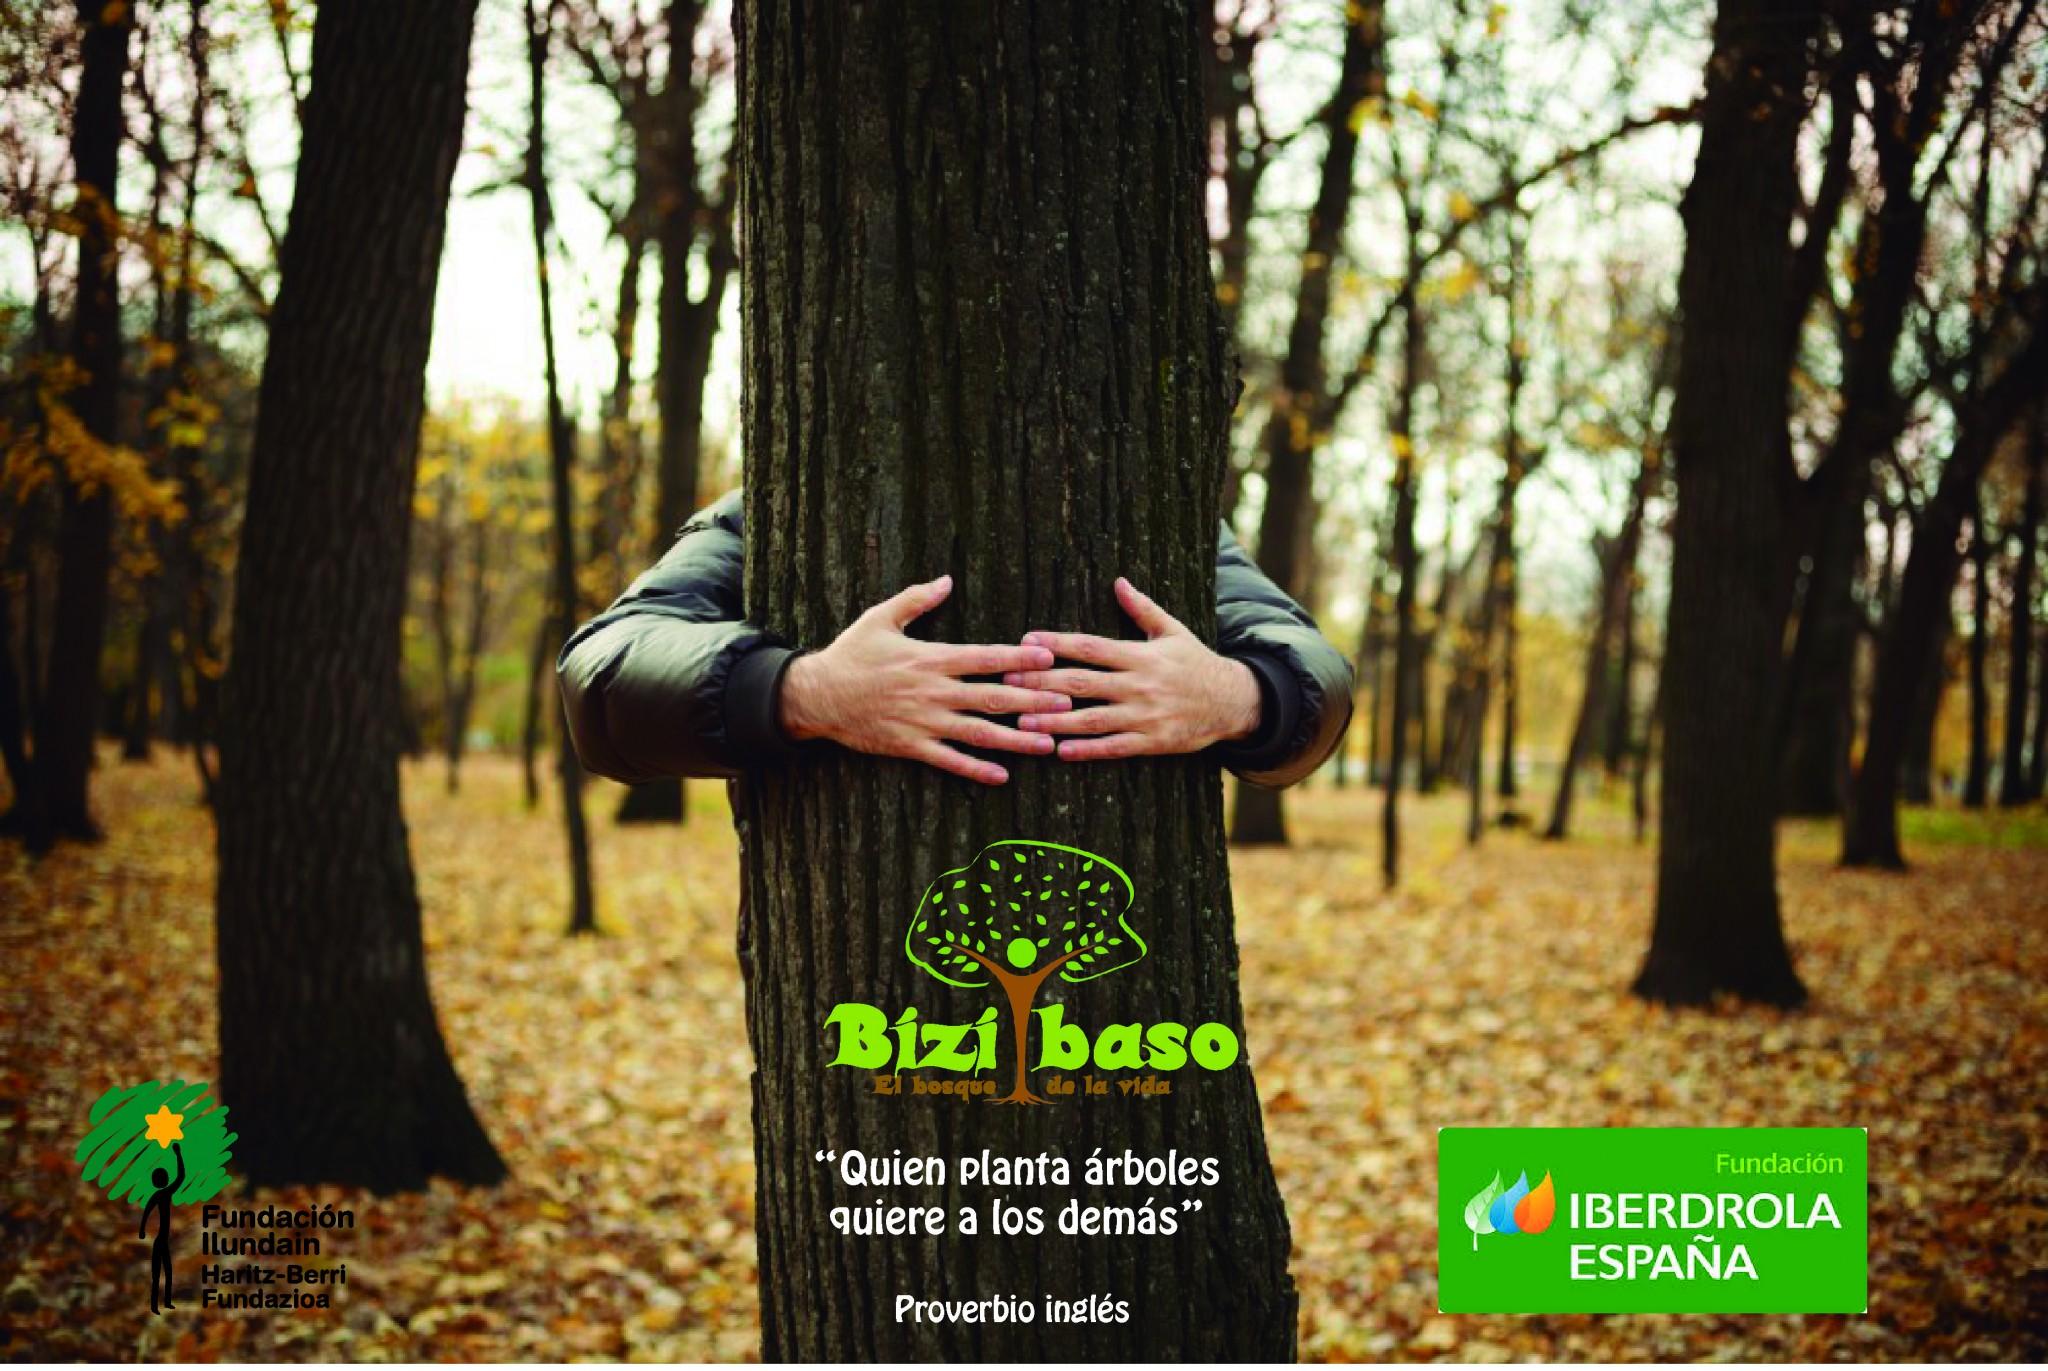 Bizi-baso, el Bosque de la Vida